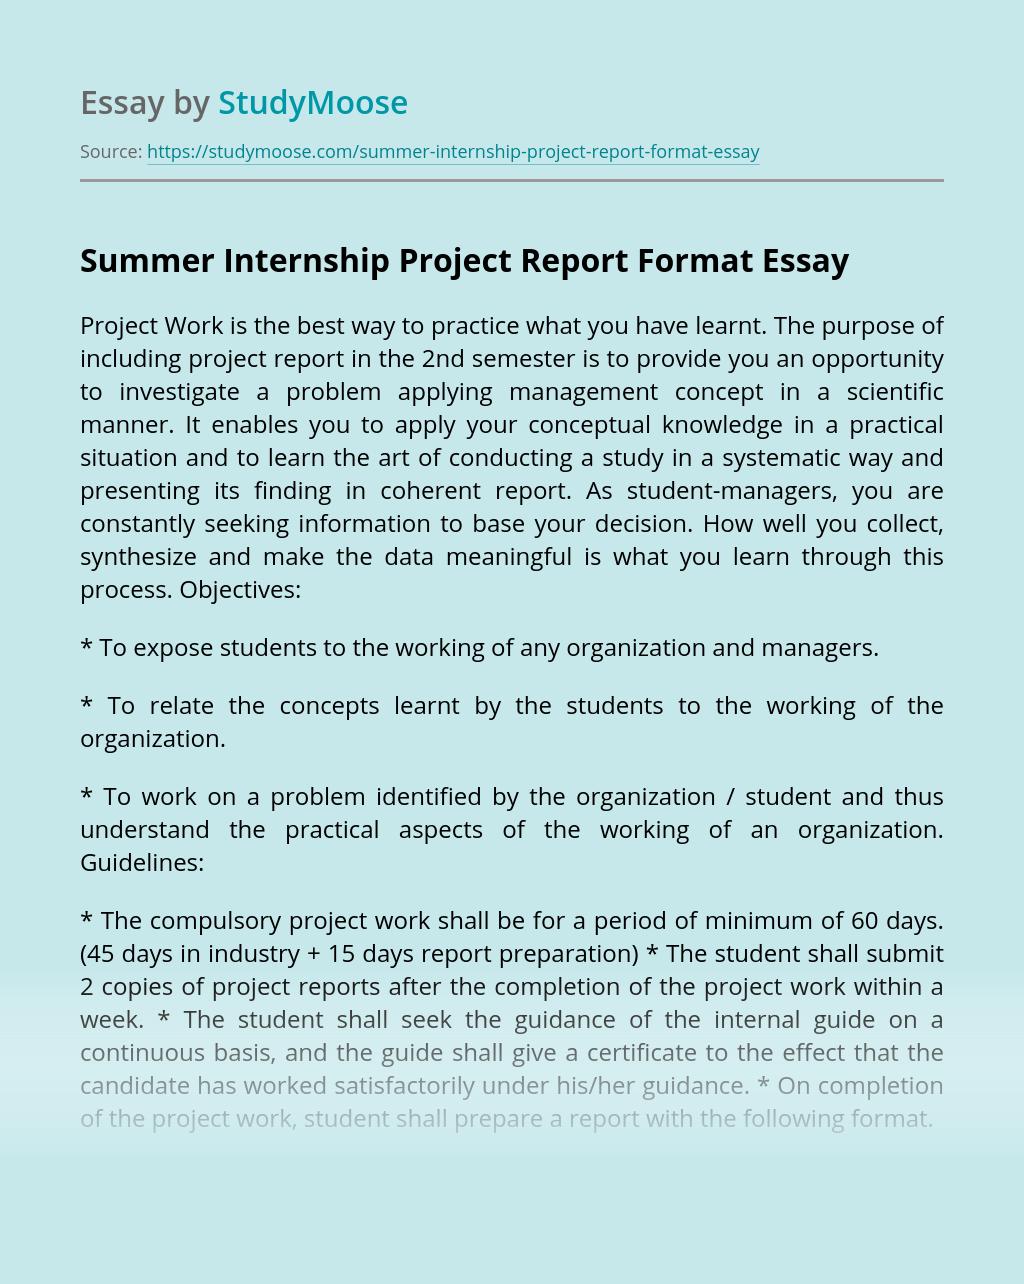 Summer Internship Project Report Format